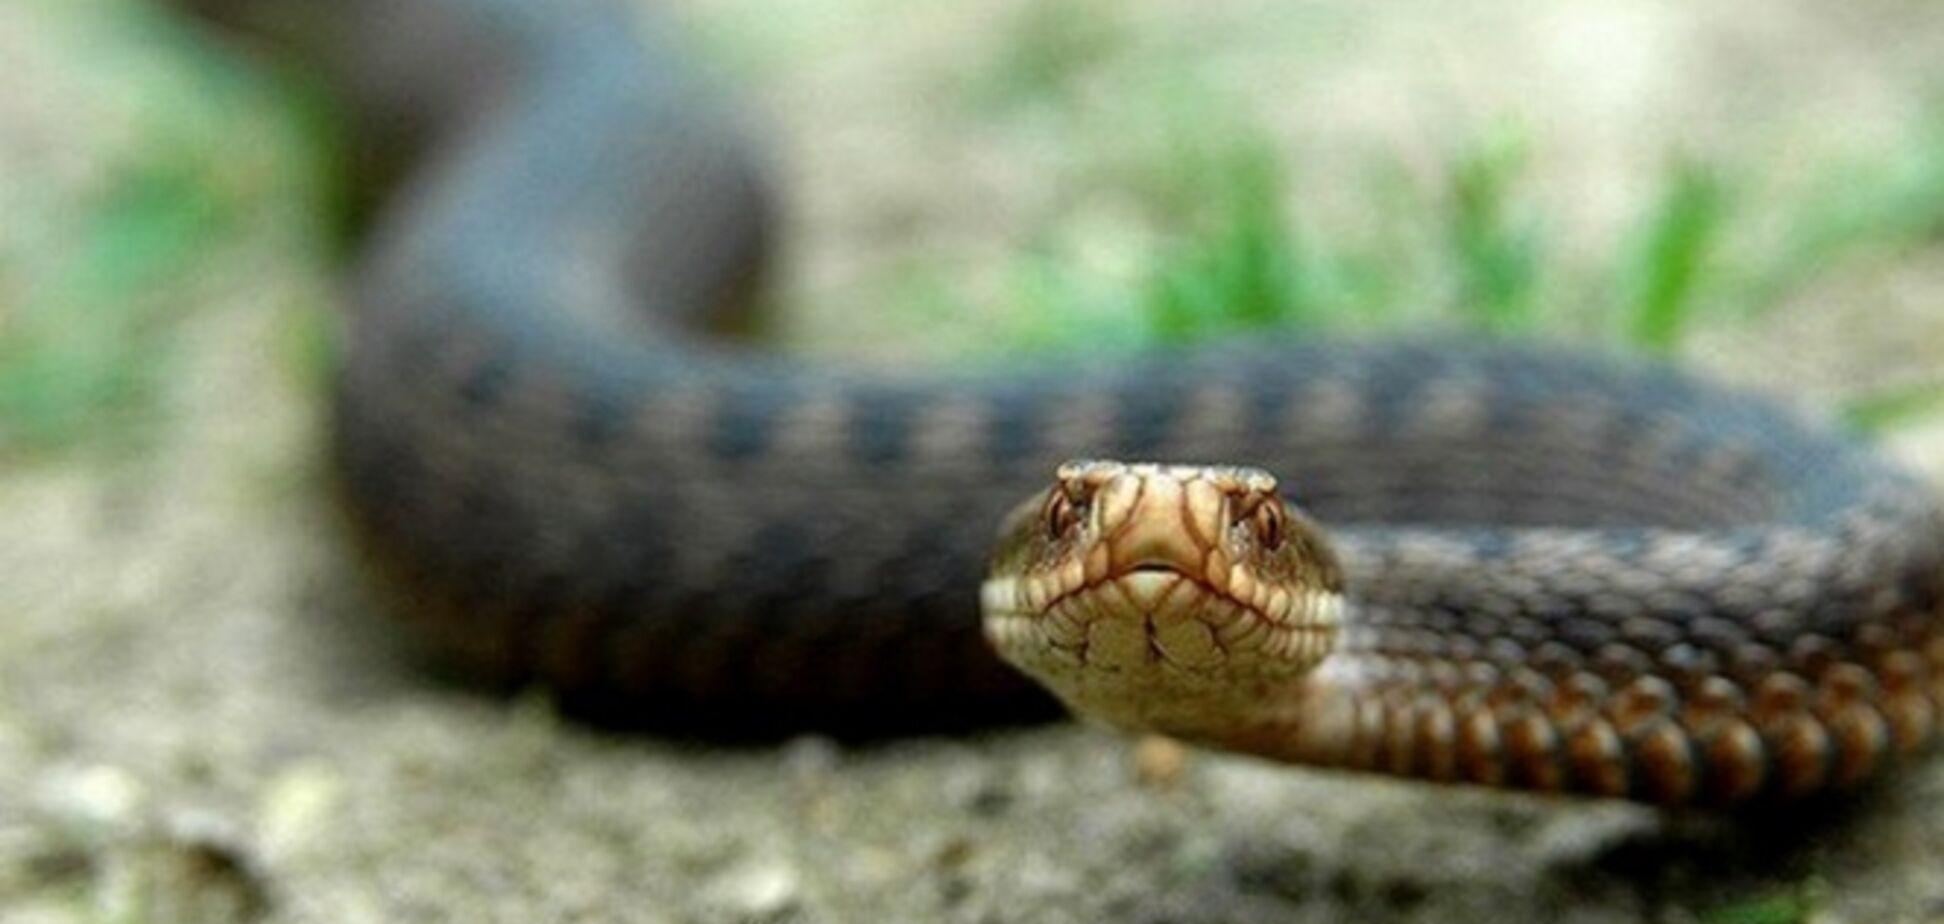 Довелося викликати рятувальників: в Дніпрі змія заповзла у відділення пошти